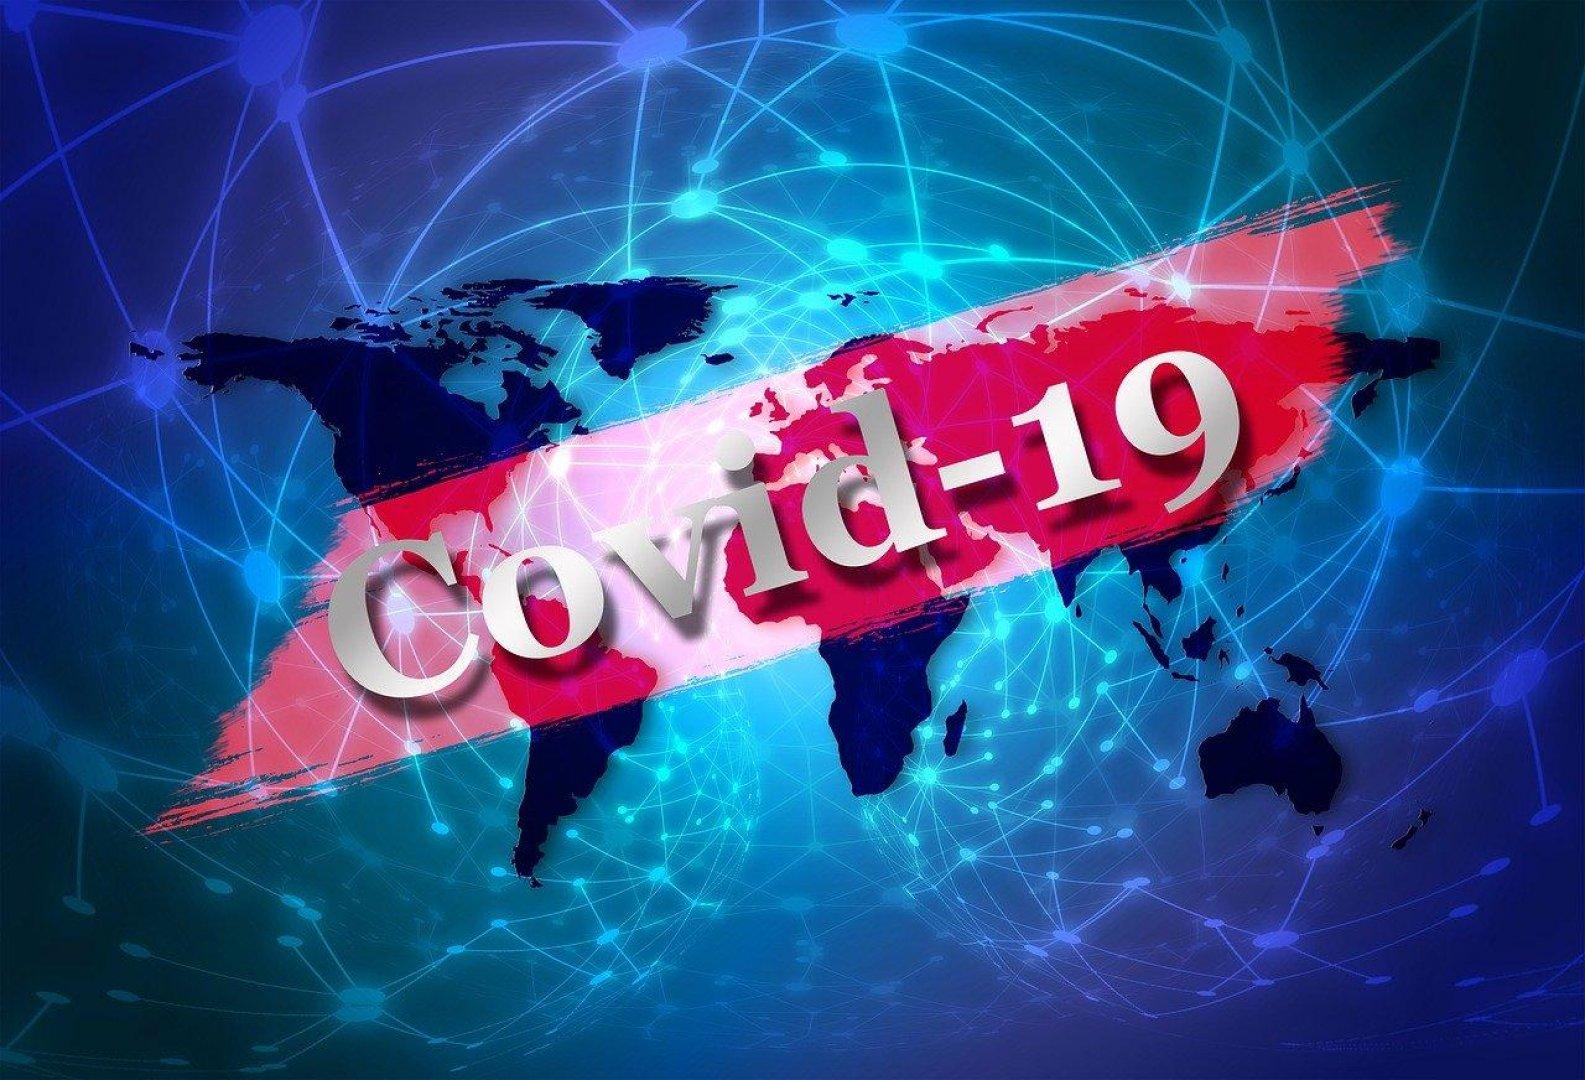 1127 достигнаха регистрираните положителни случаи на корона вирусна инфекция от началото на пандемията в Бургас и региона. Снимката е илюстративна